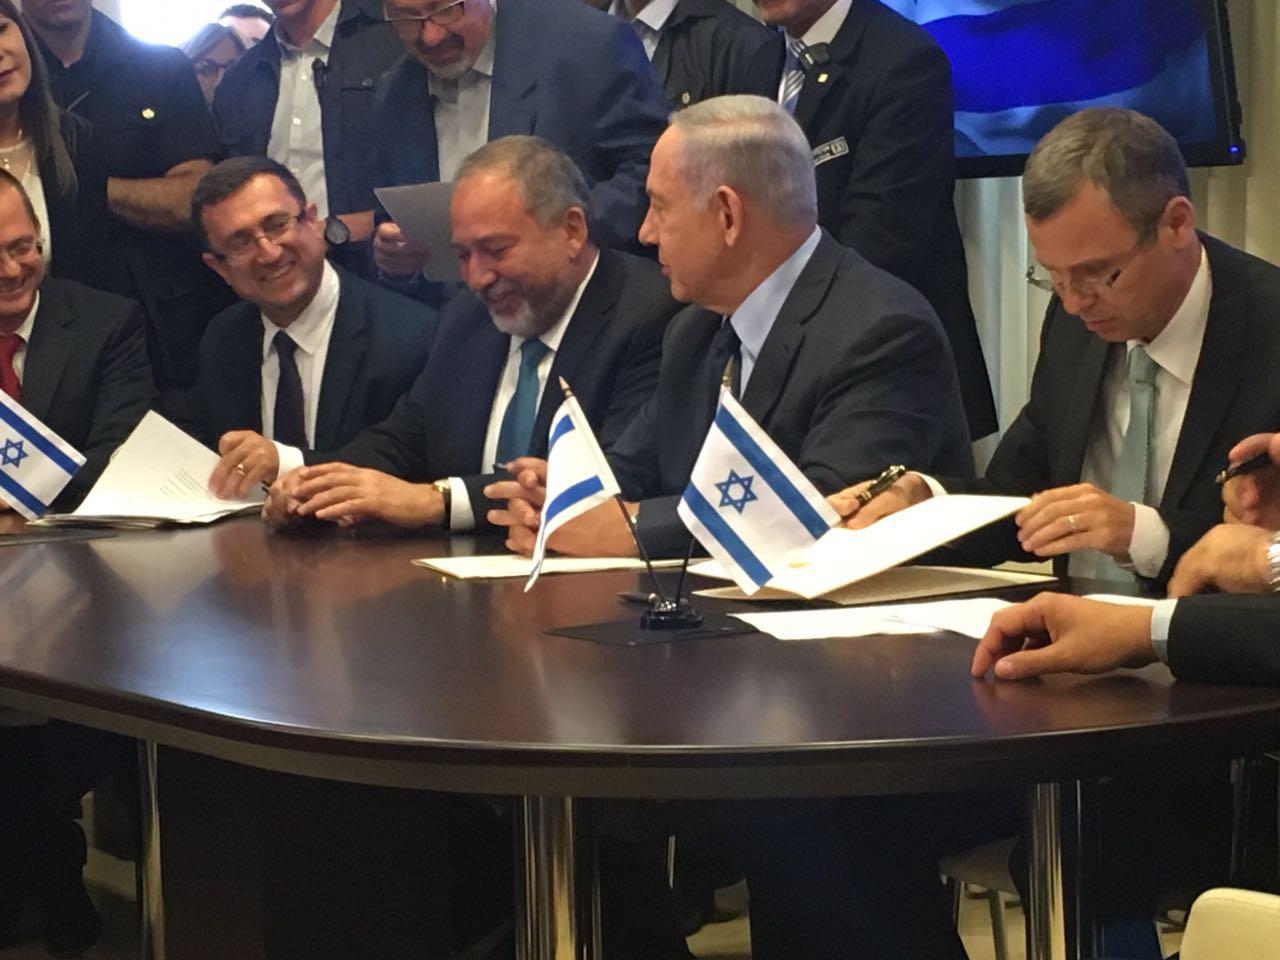 השר לוין וראש הממשלה בעת חתימת ההסכם עם ישראל ביתנו.